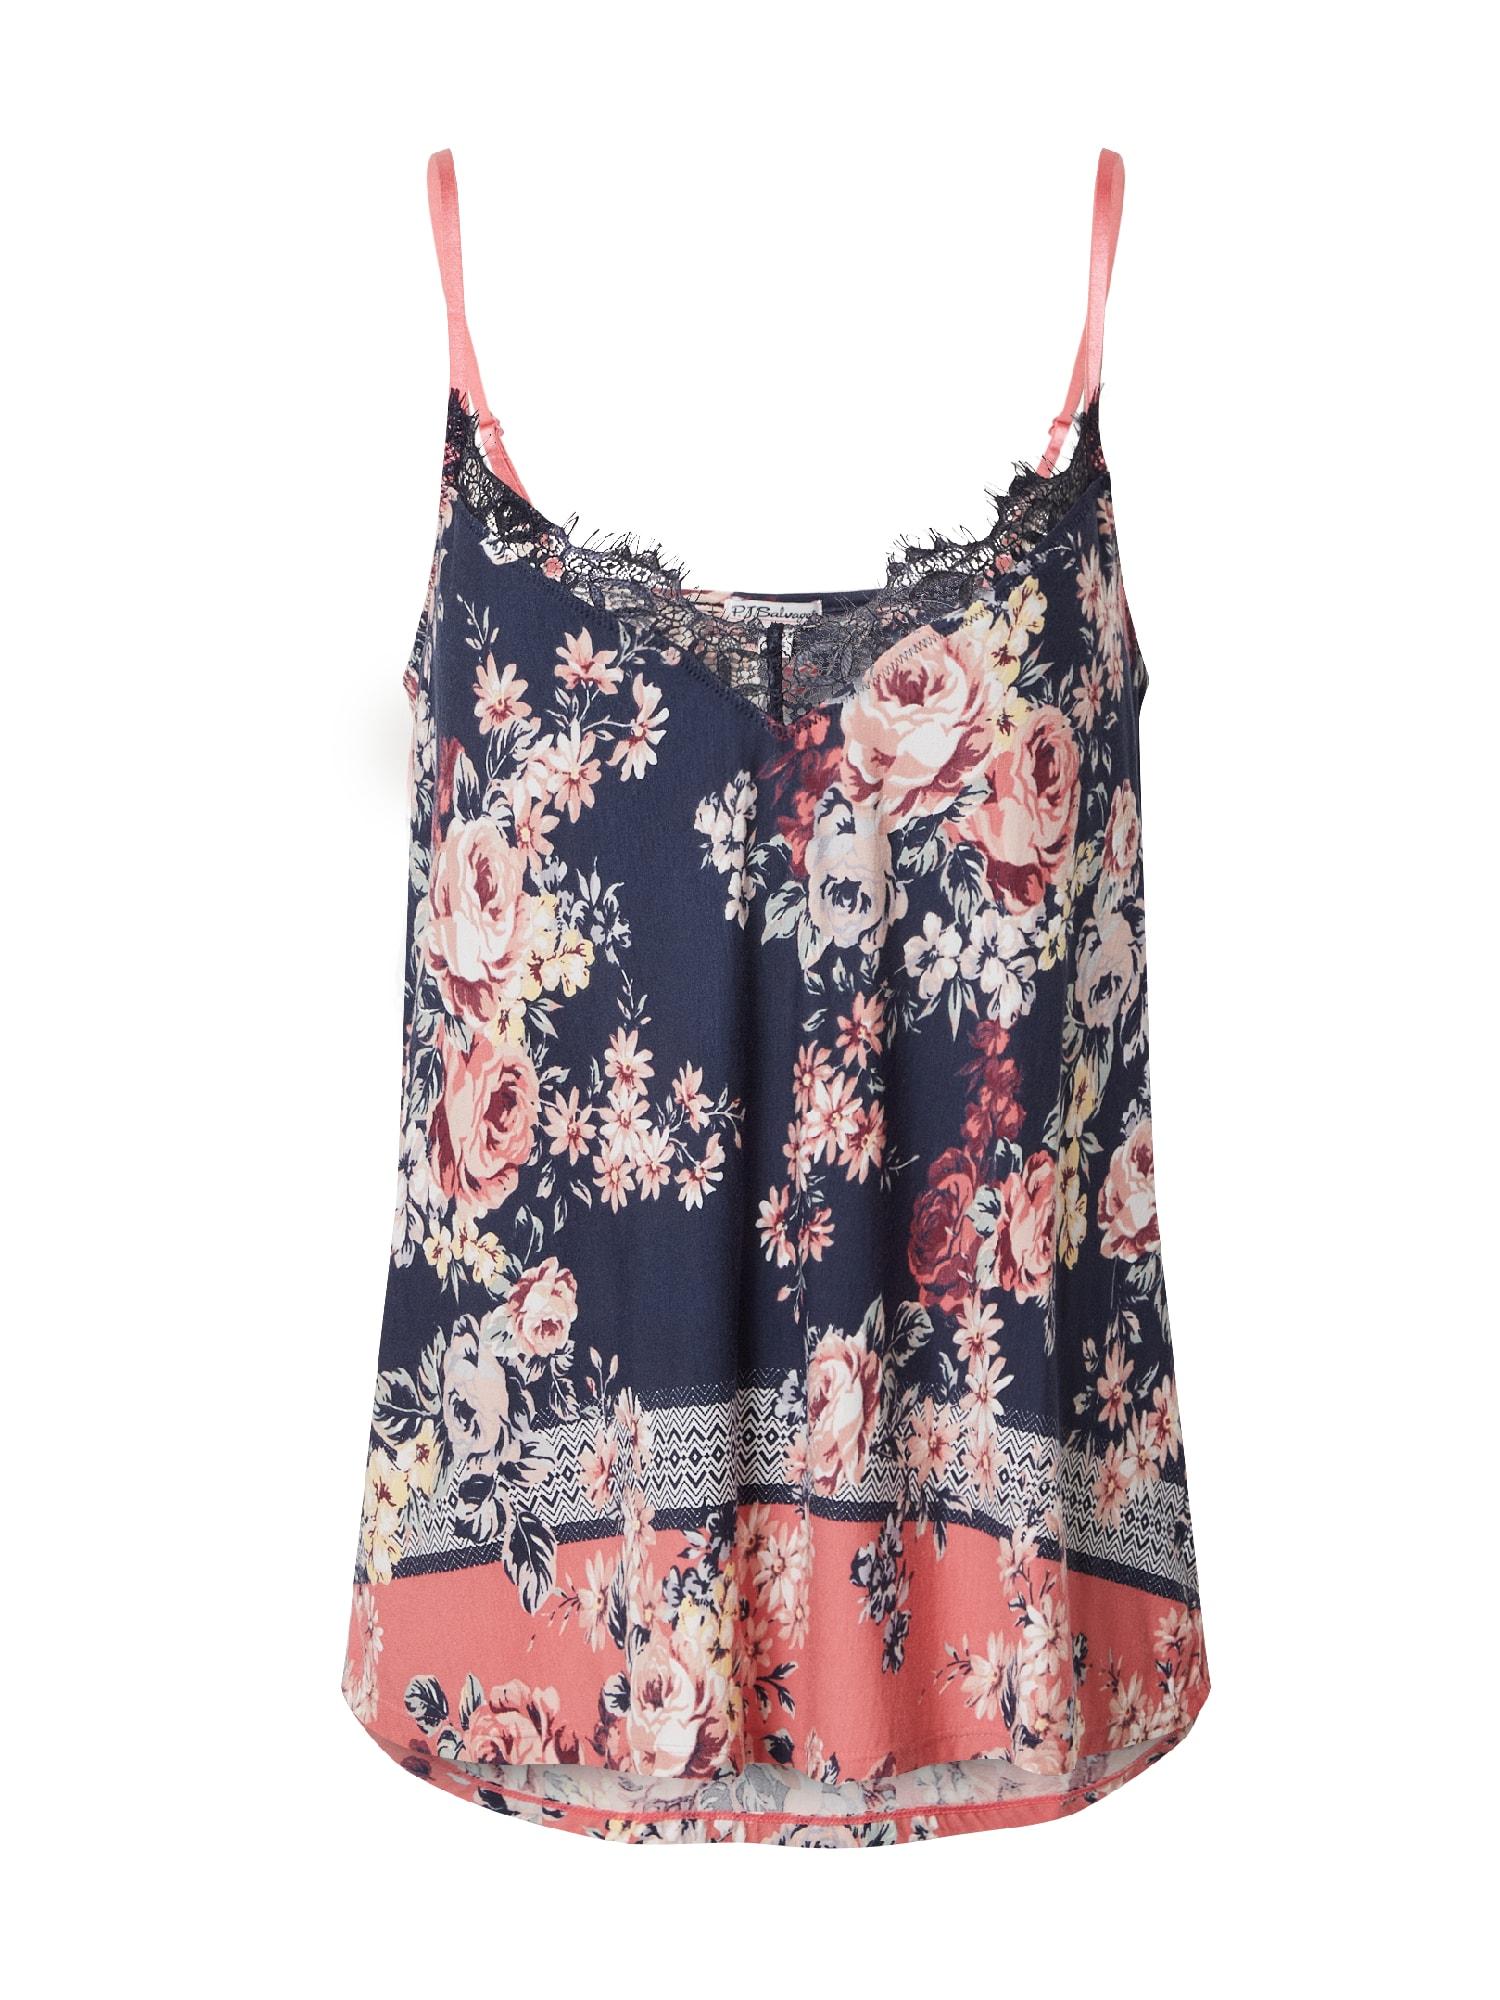 PJ Salvage Pižaminiai marškinėliai tamsiai mėlyna / pitajų spalva / ryškiai rožinė spalva / smėlio / mišrios spalvos